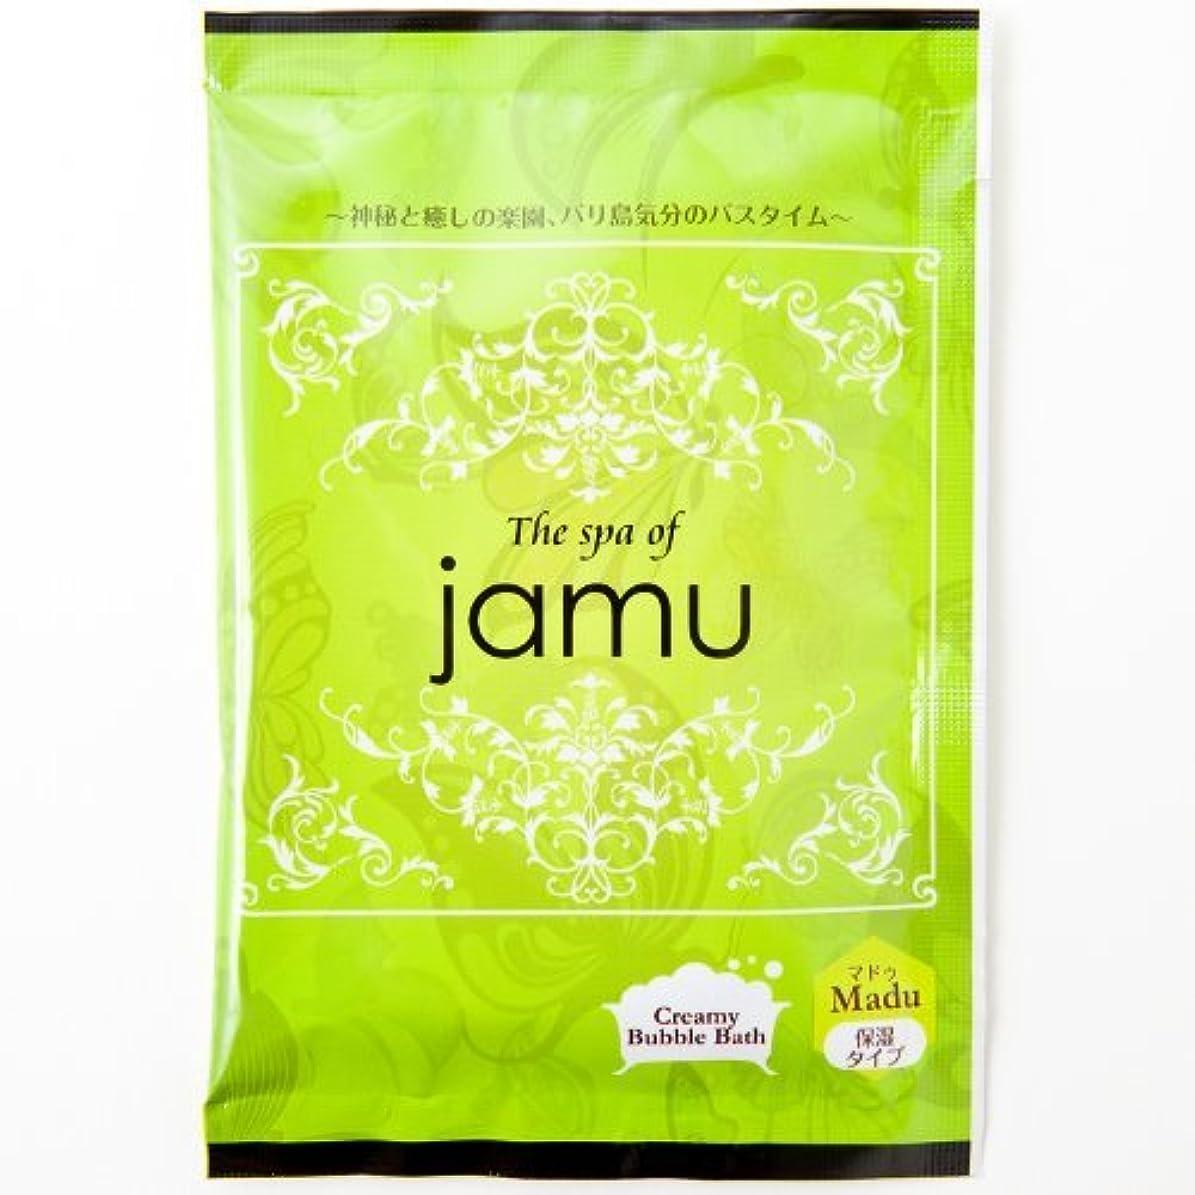 オートマトン育成歯車JAMU マドゥ 入浴剤 1回分 粉末 バリニーズフラワー の 香り